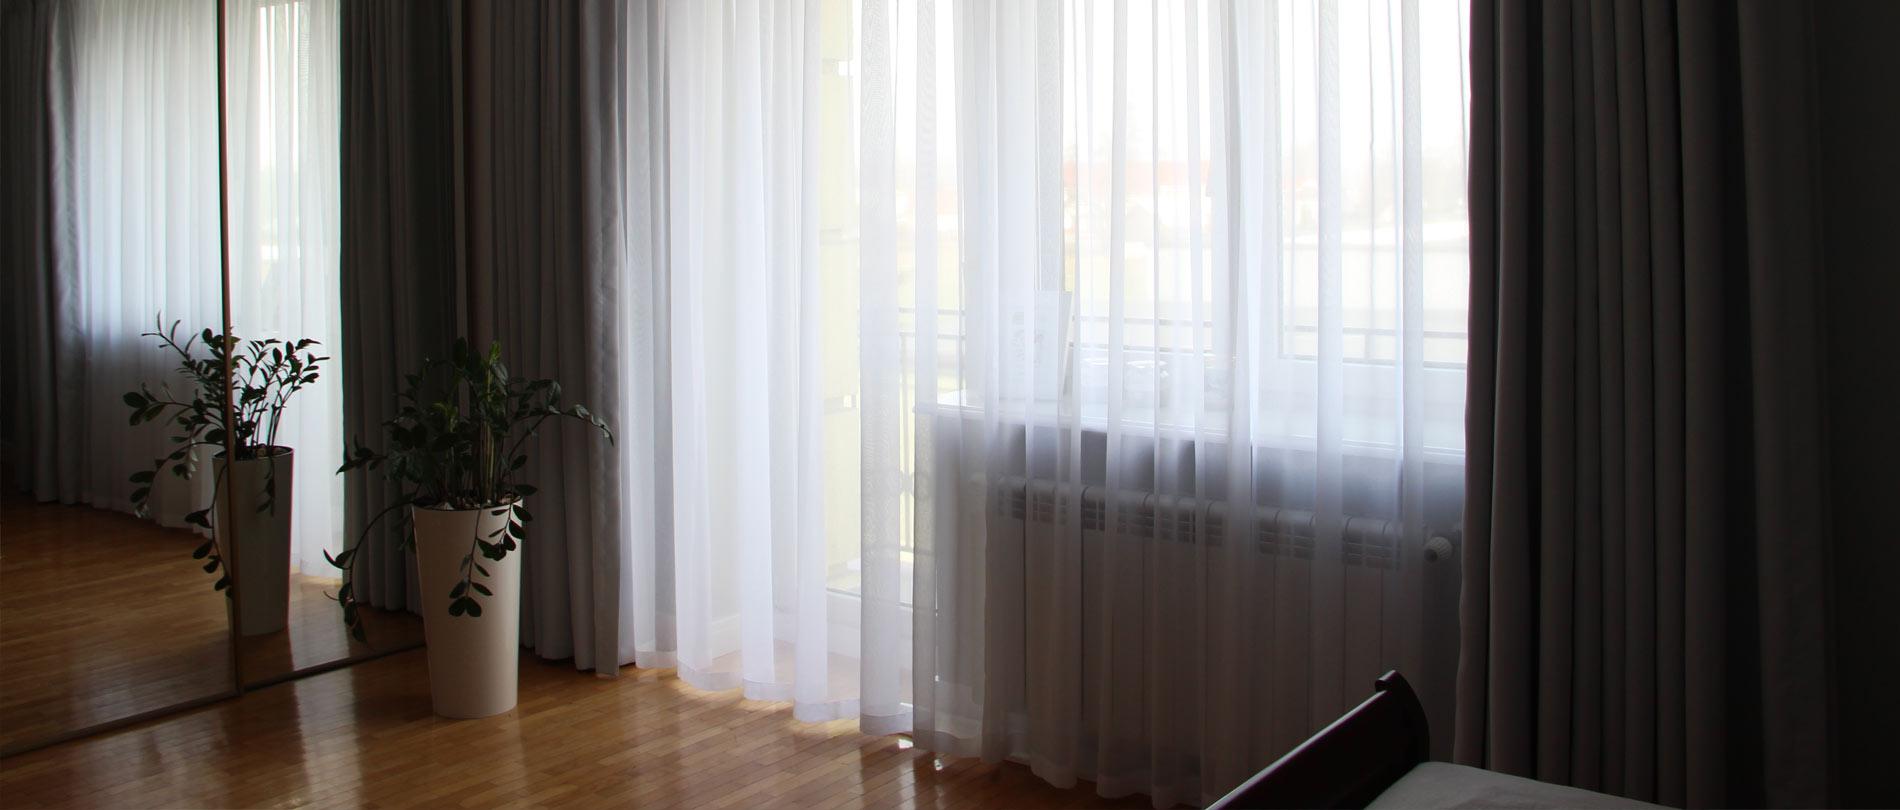 Pracownia dekoracji wnętrz Motilove - STRONA GŁOWNA - Dywany, Firany, Rolety Rzymskie.